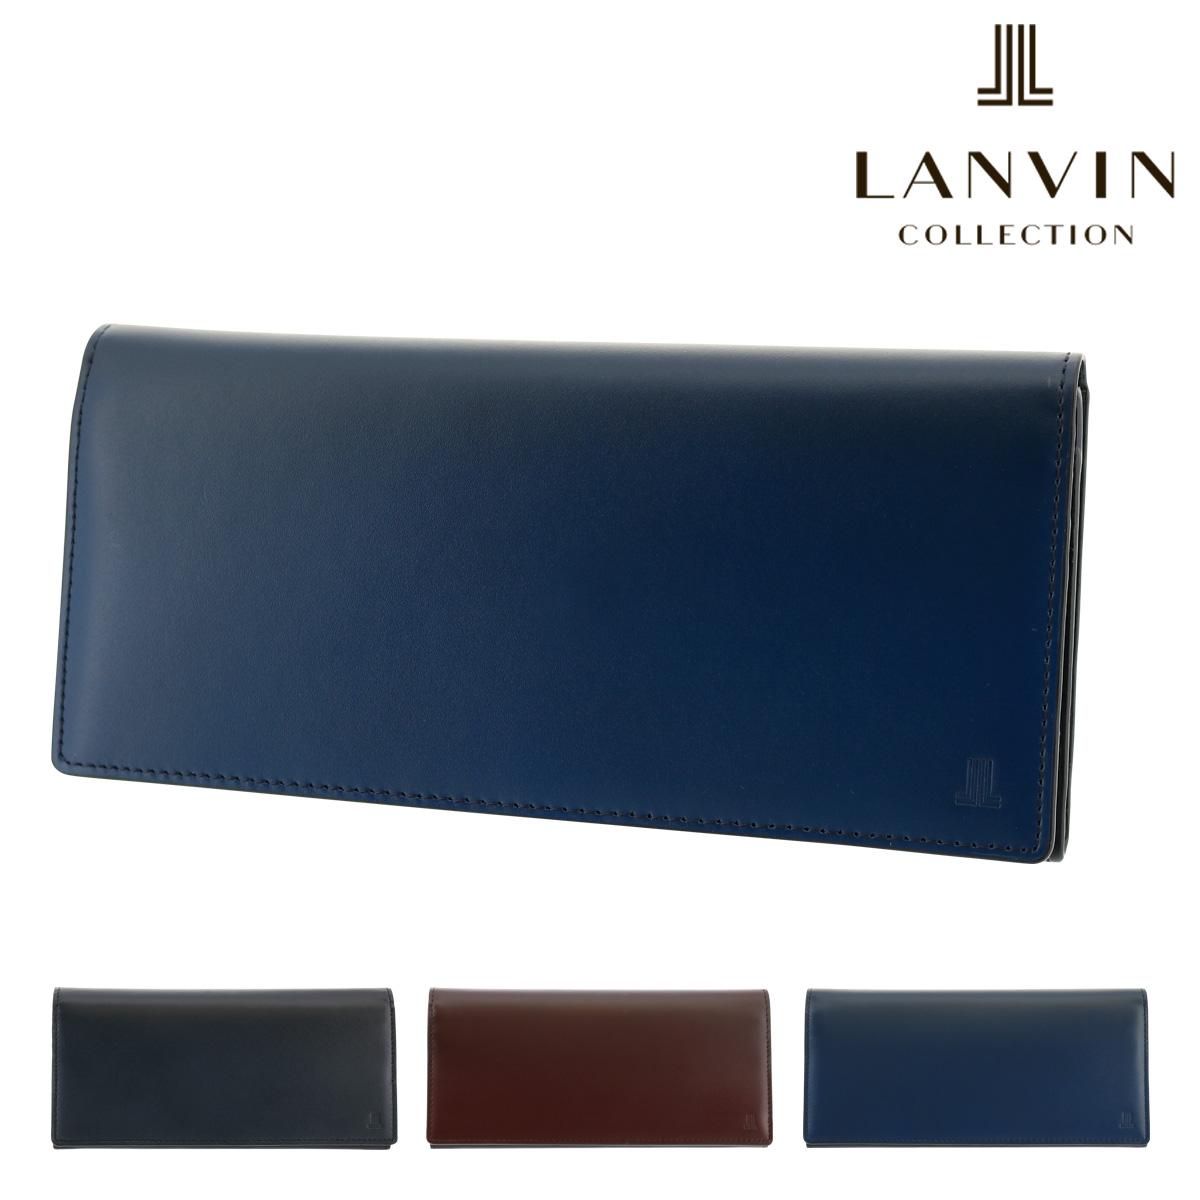 ランバンコレクション 長財布 レザーグラデーション メンズ JLMW8IT1 LANVIN COLLECTION | 本革 レザー ブランド専用BOX付き[bef]